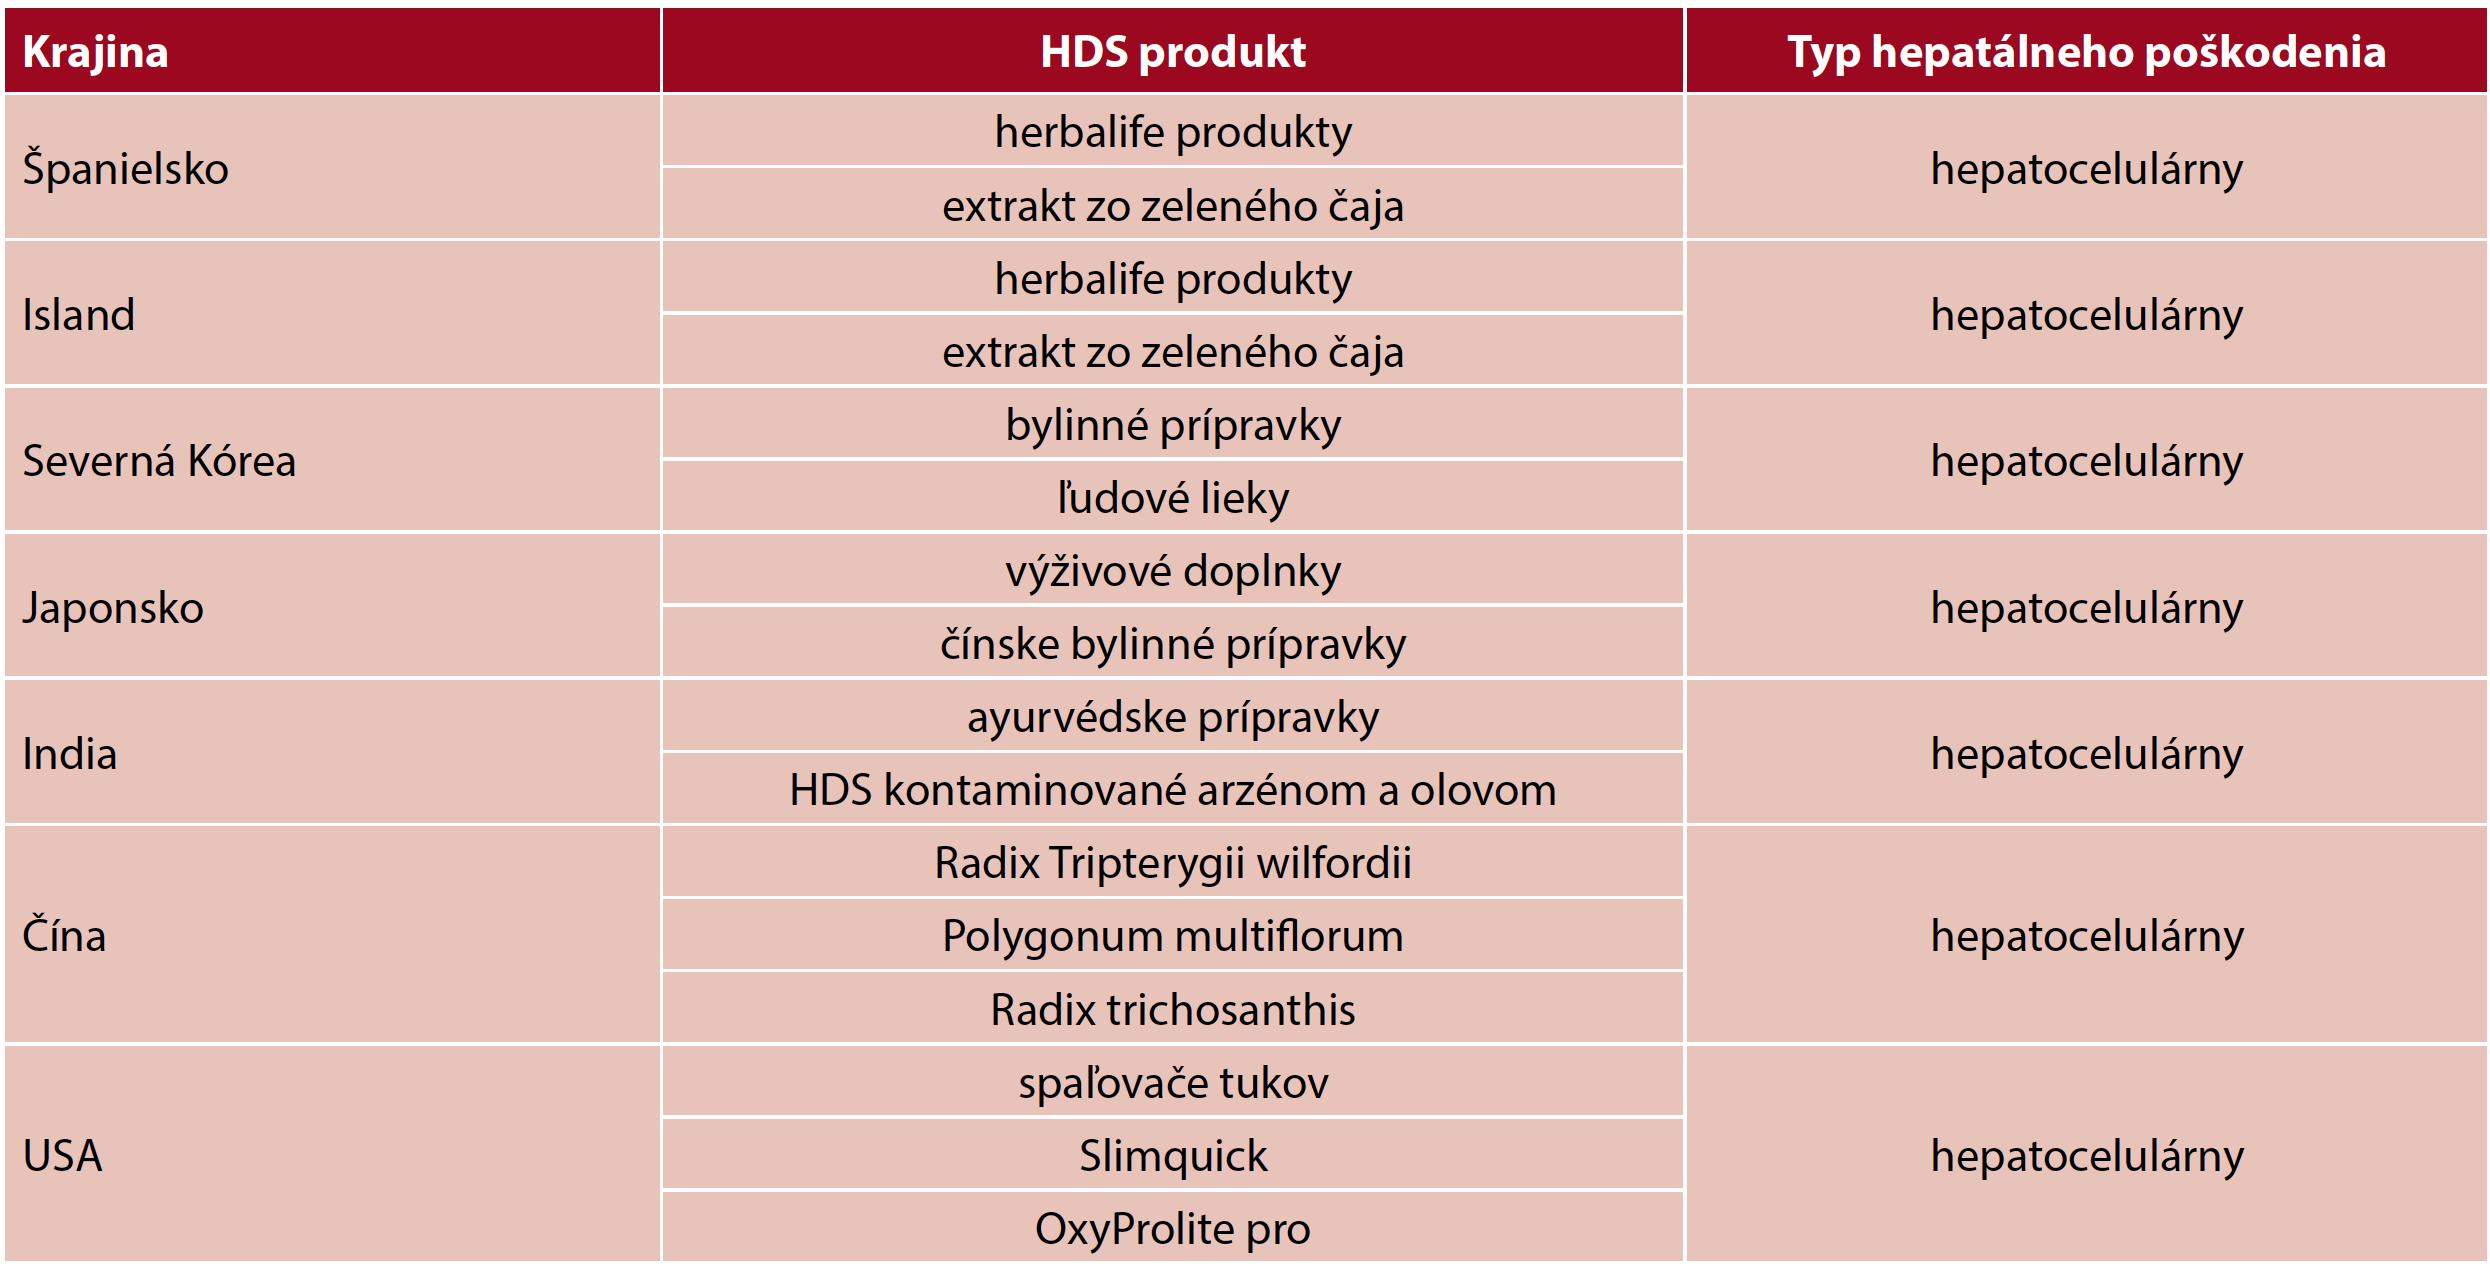 Hlavné používané HDS vo svete a typ pečeňového poškodenia (9)